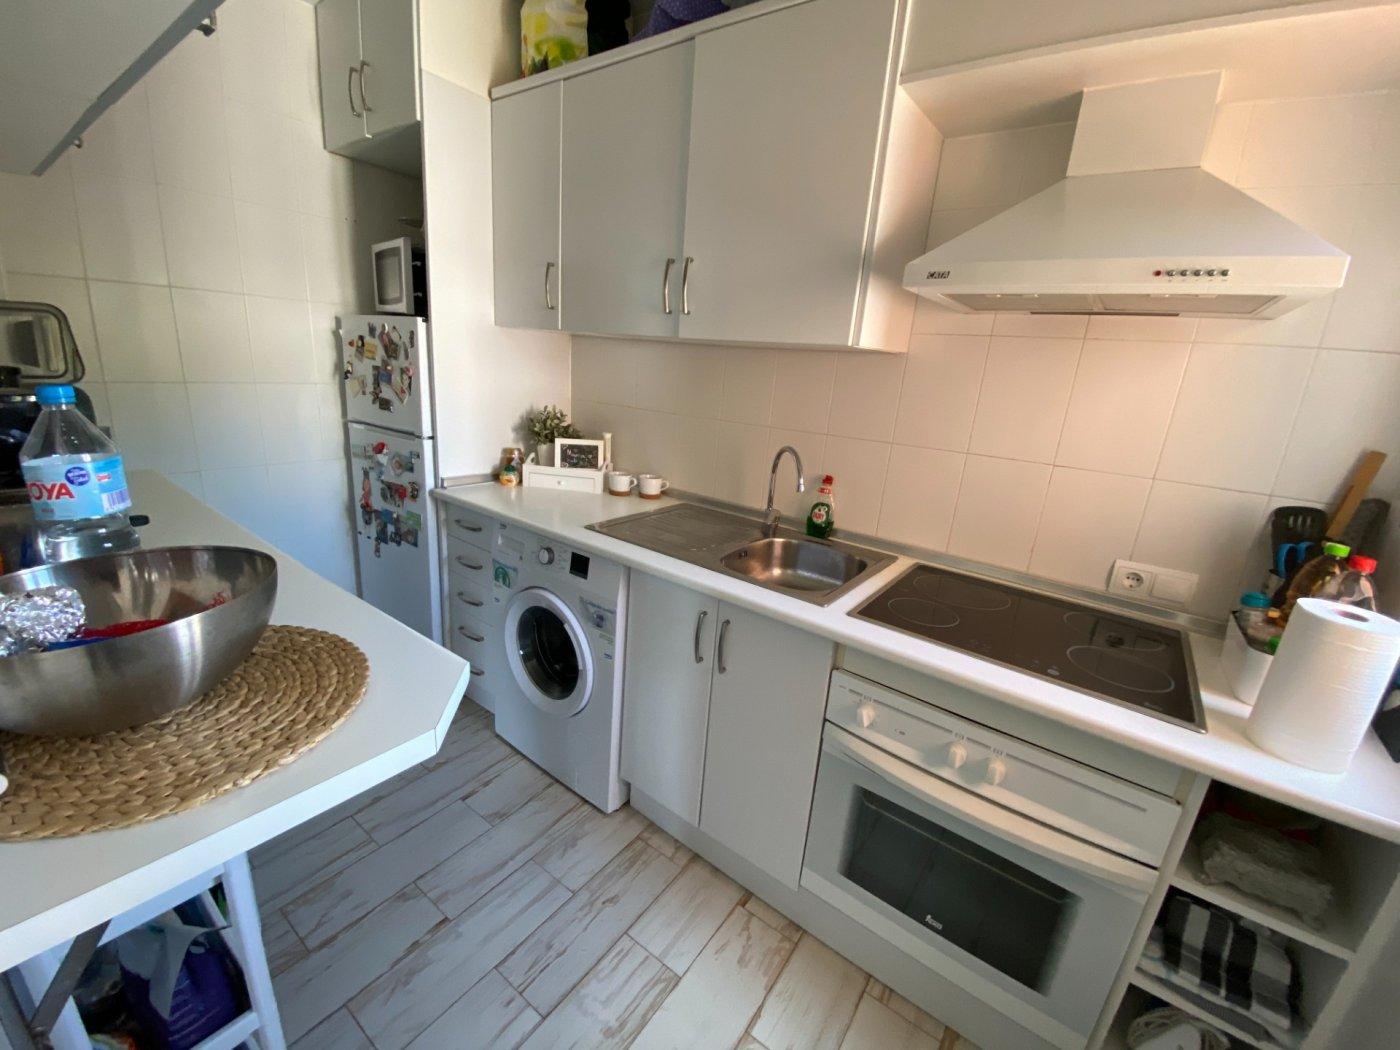 Alquiler con opcion de compra!espectacular apartamento con vistas al mar y parking propio - imagenInmueble3